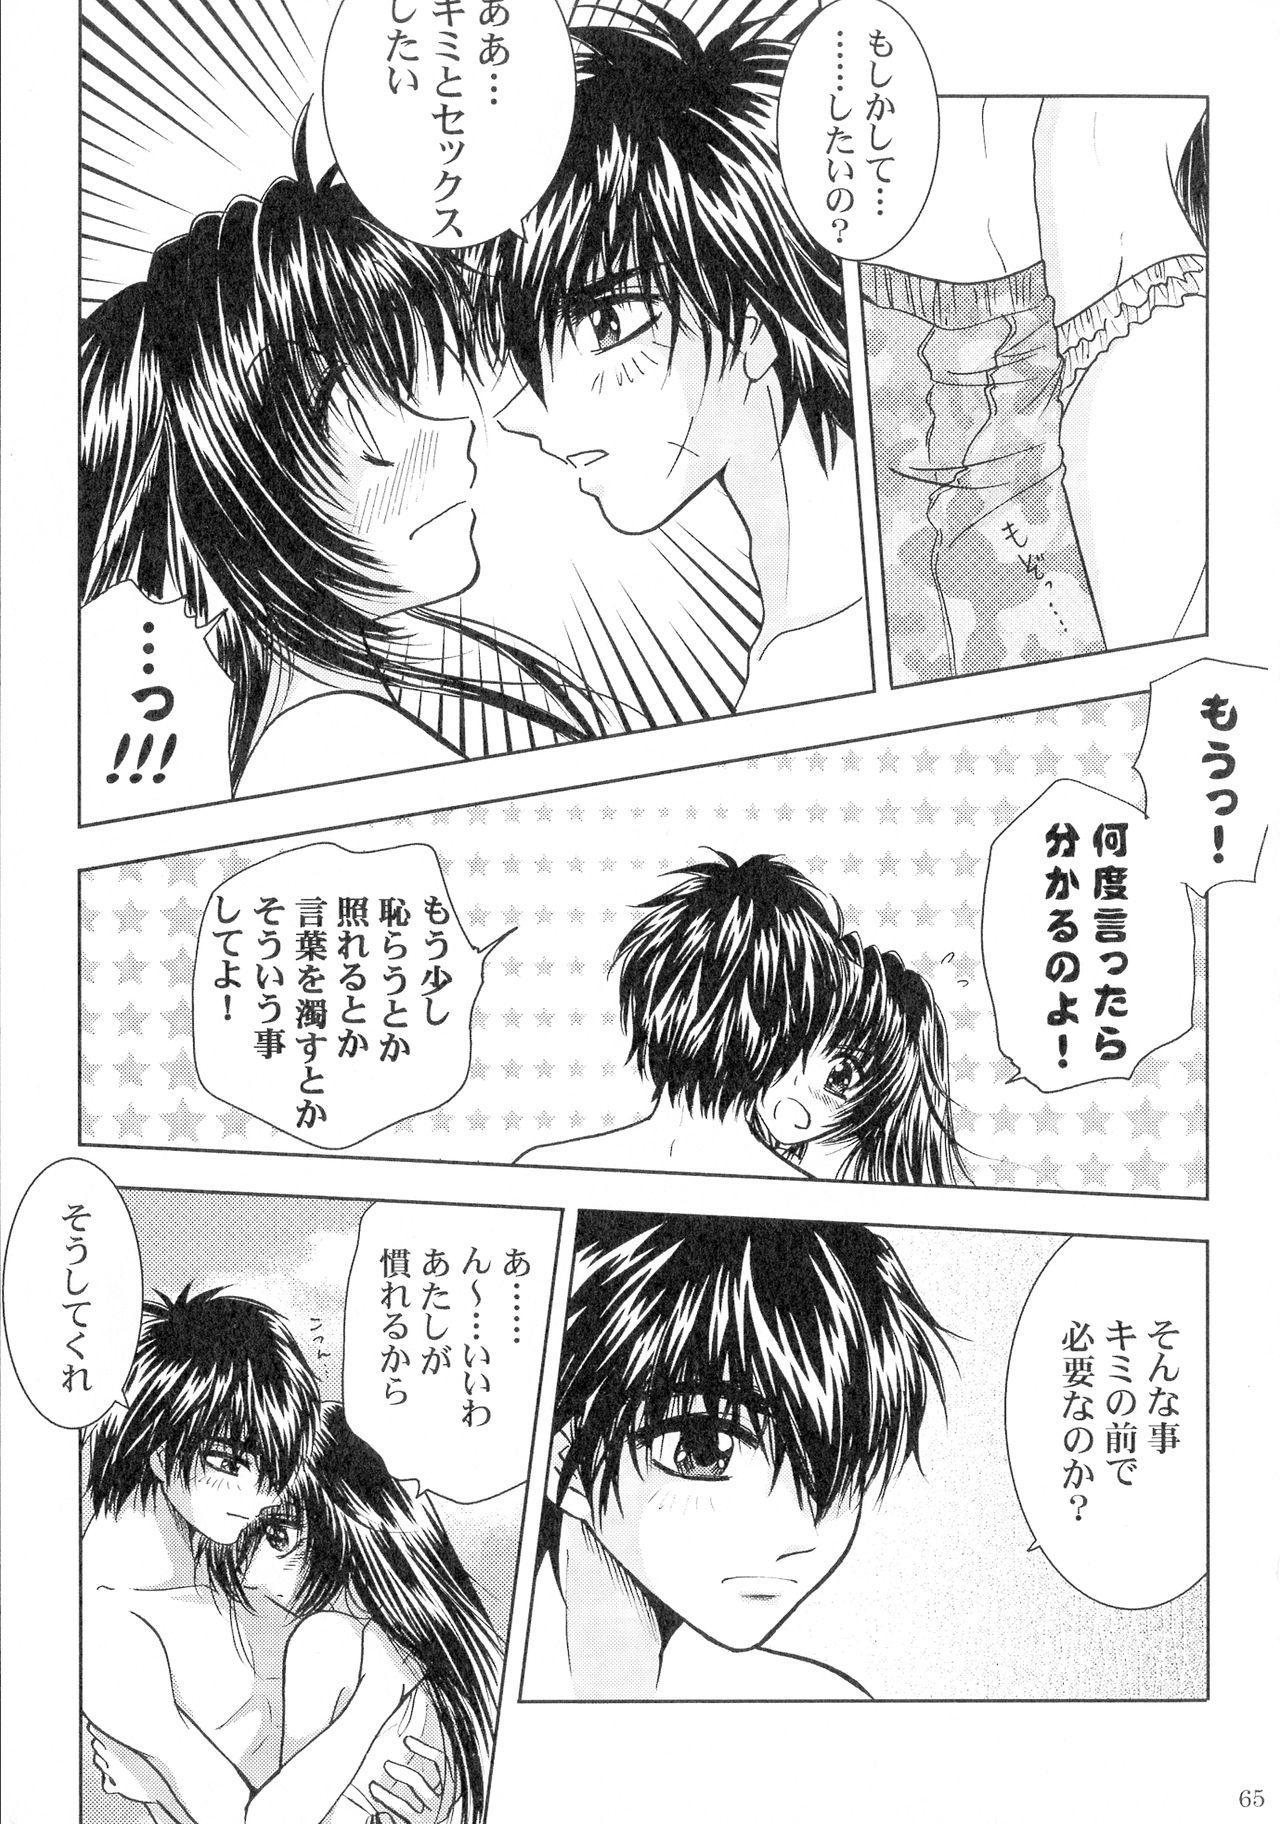 SEXY PANIC Sairoku-shuu VOL.3 64